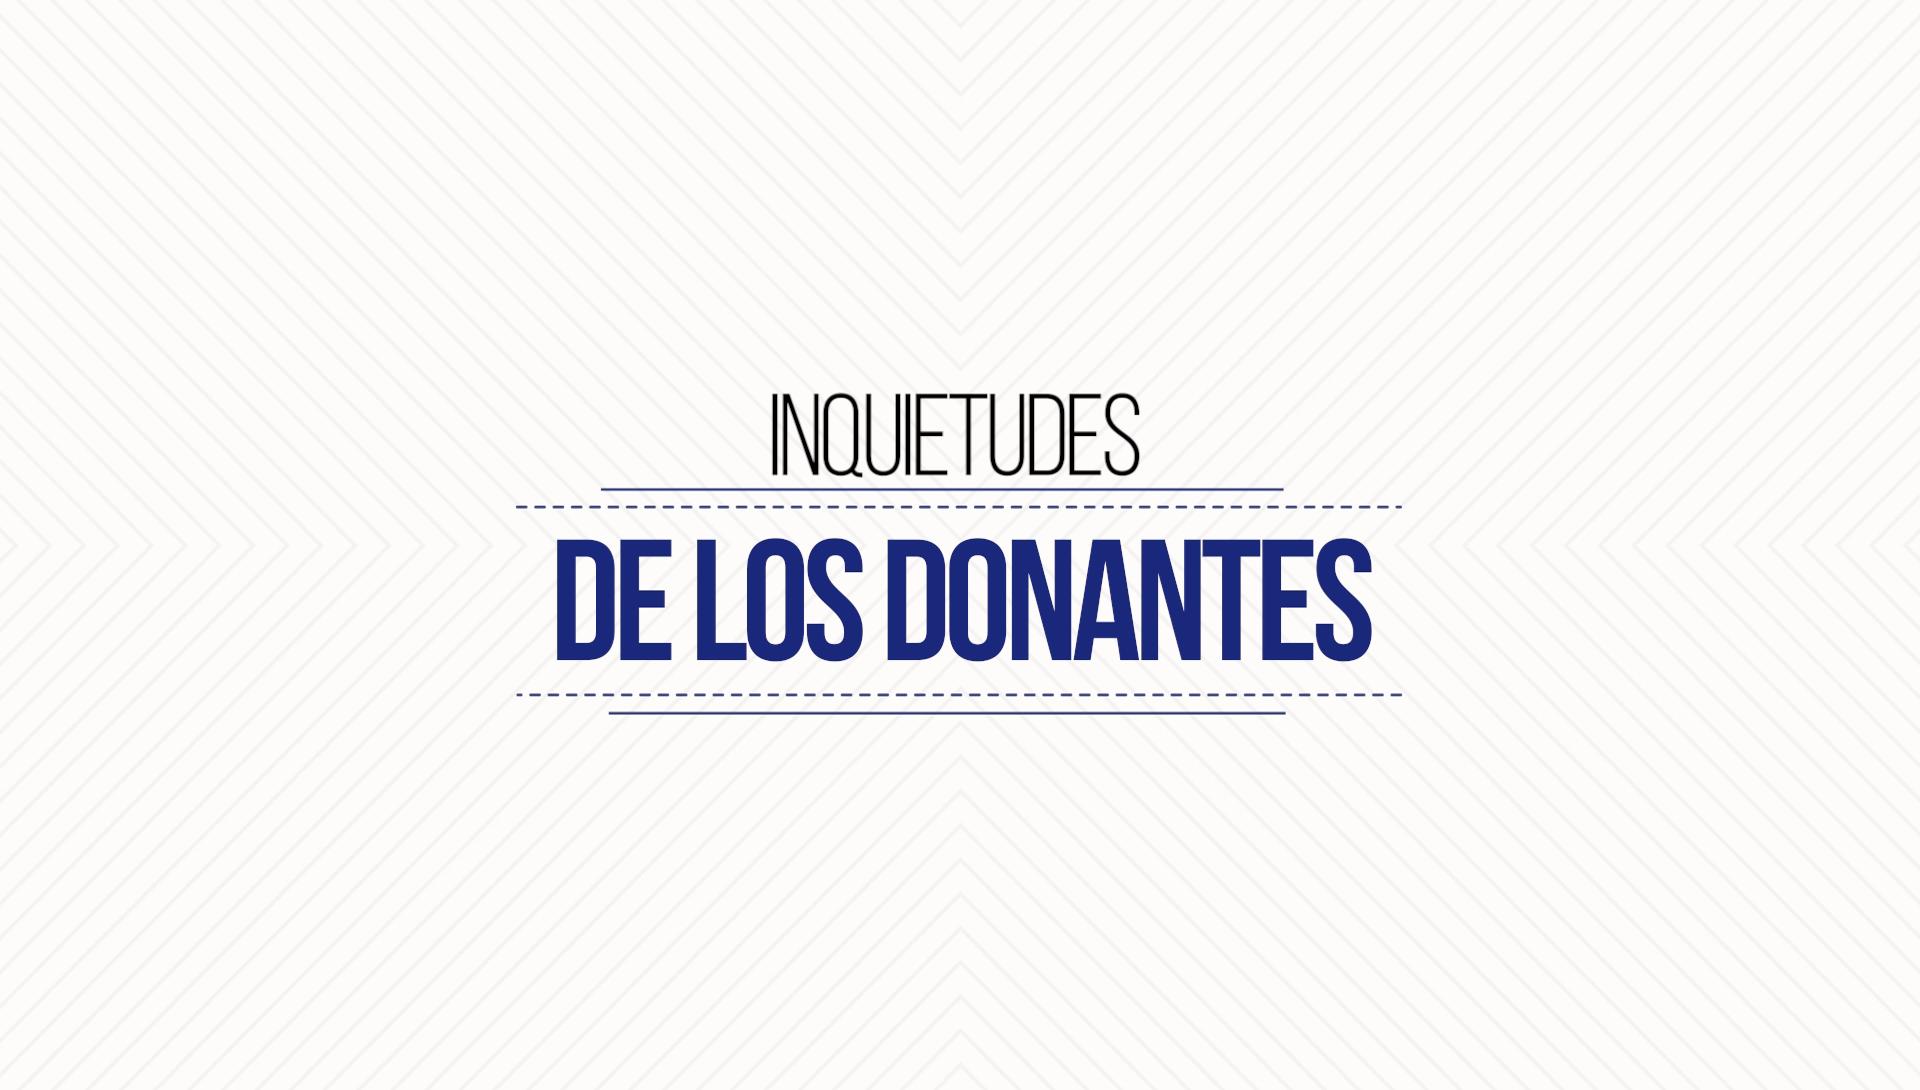 Inquietudes de los Donantes – Video Motion